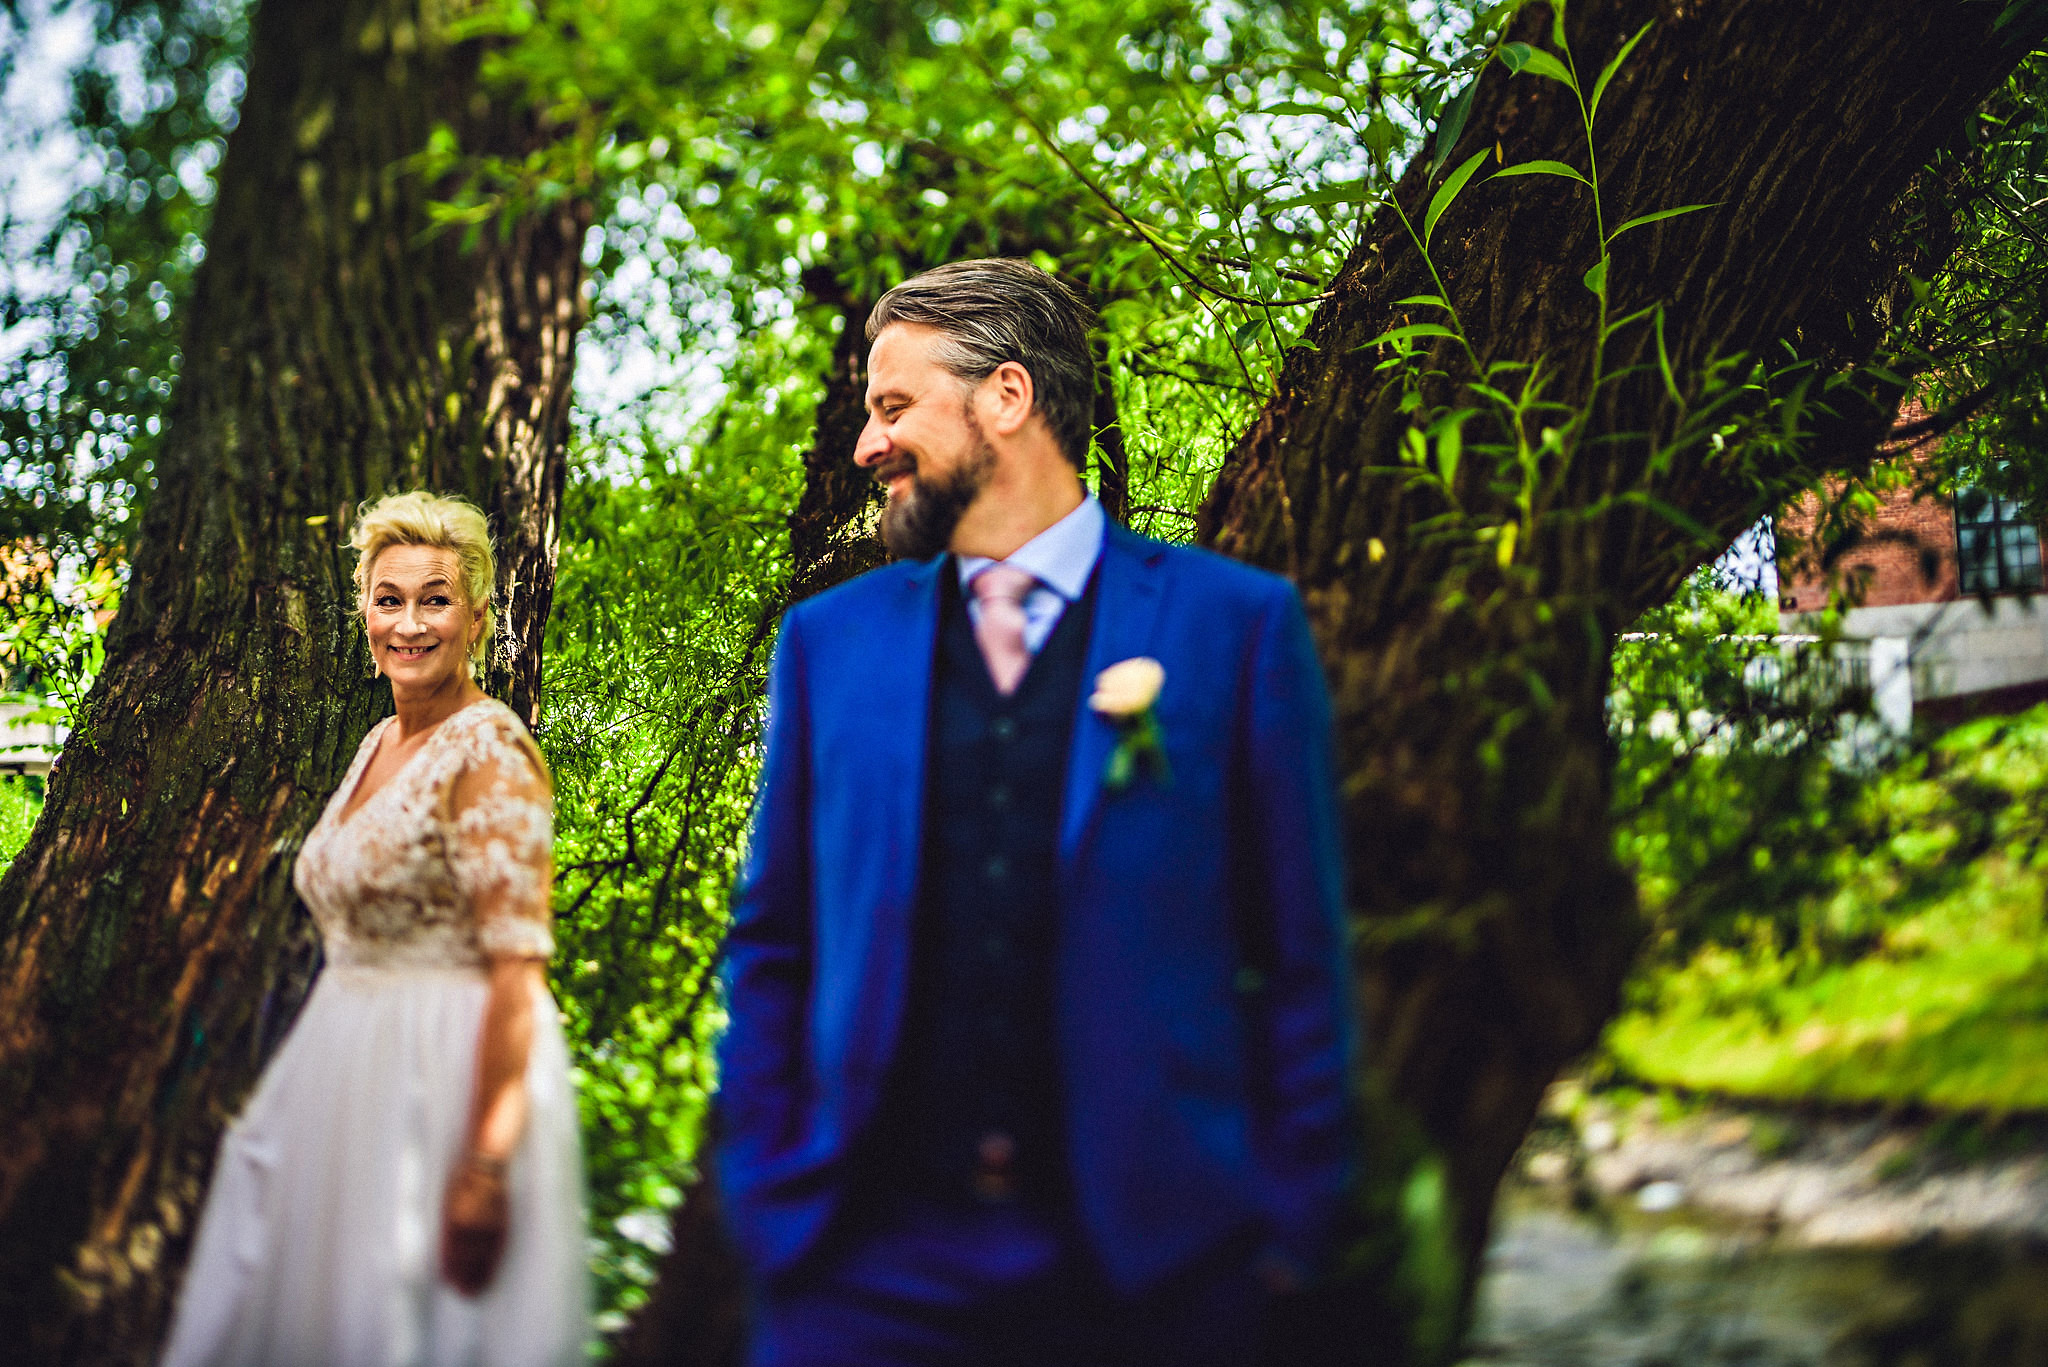 Eirik Halvorsen Tone og Sven bryllup blog-17.jpg